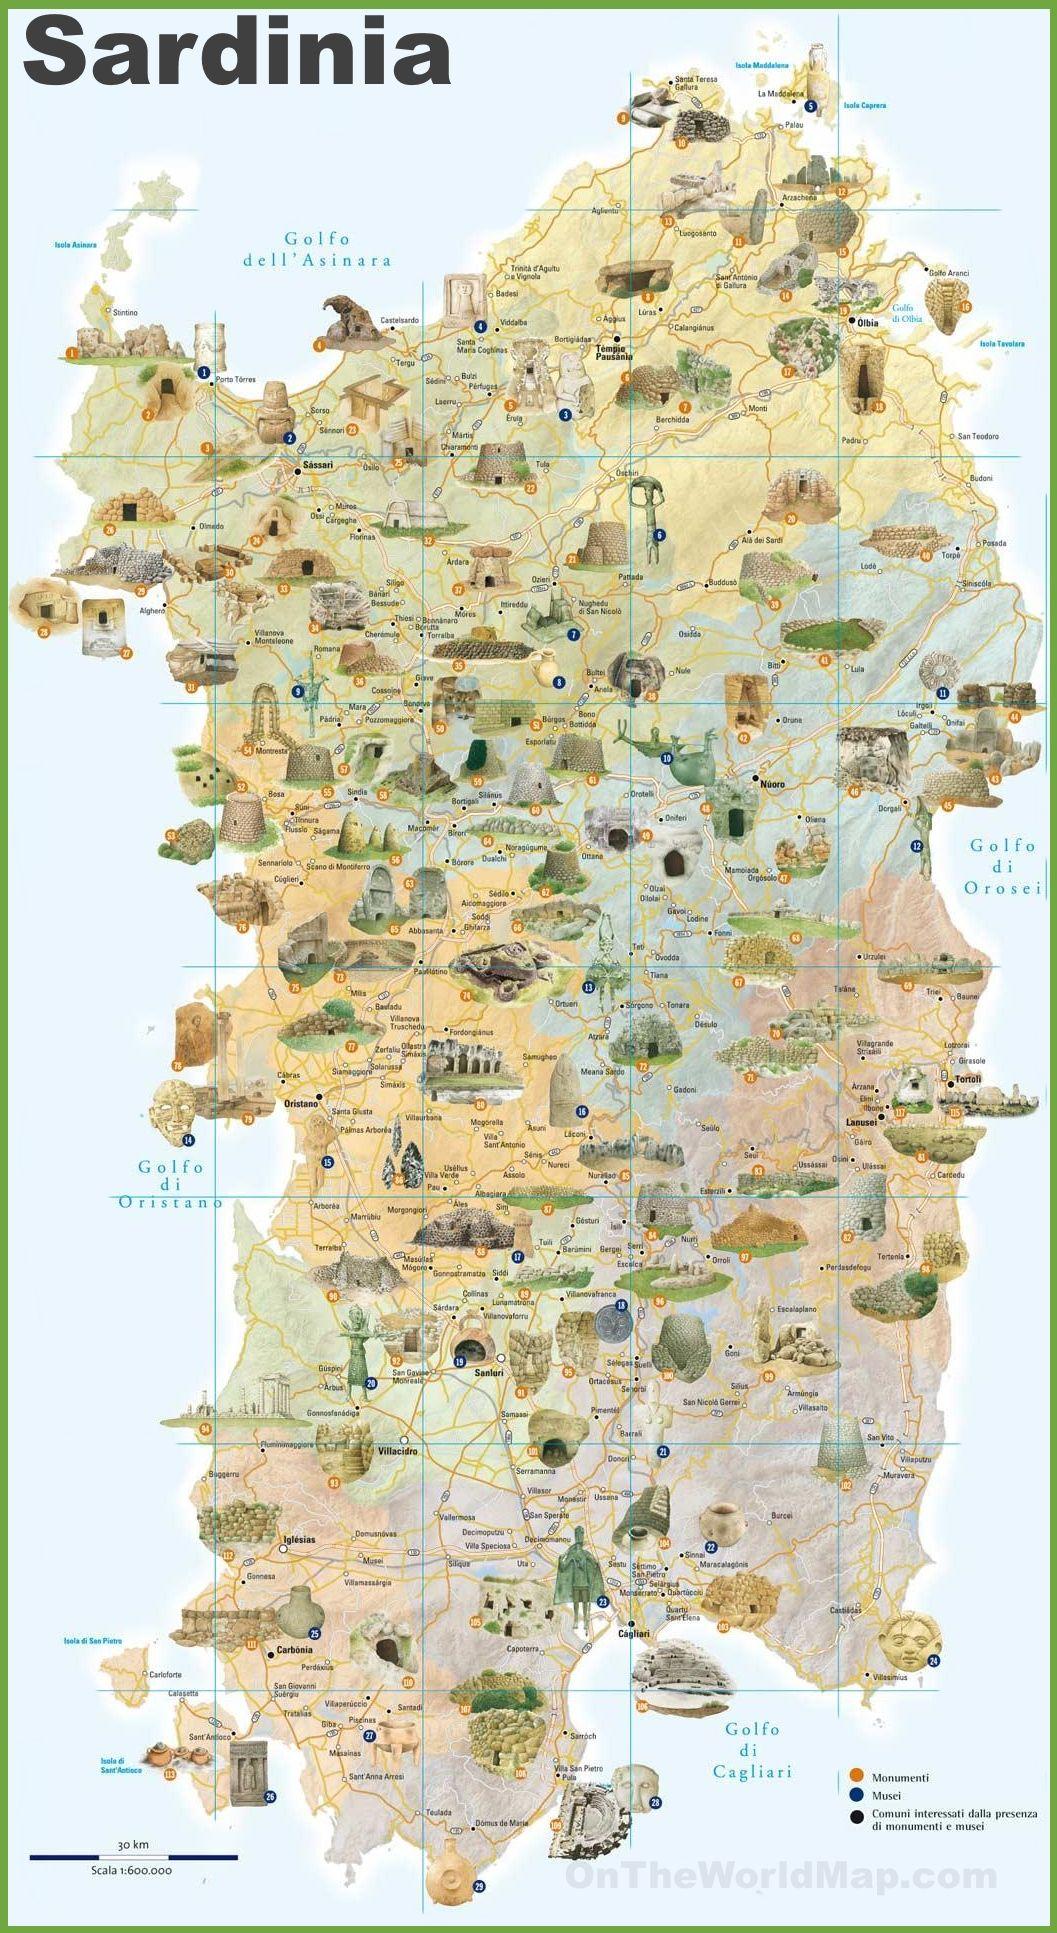 Sardinia tourist map   Tourist map, Sardinia, Sardinia italy